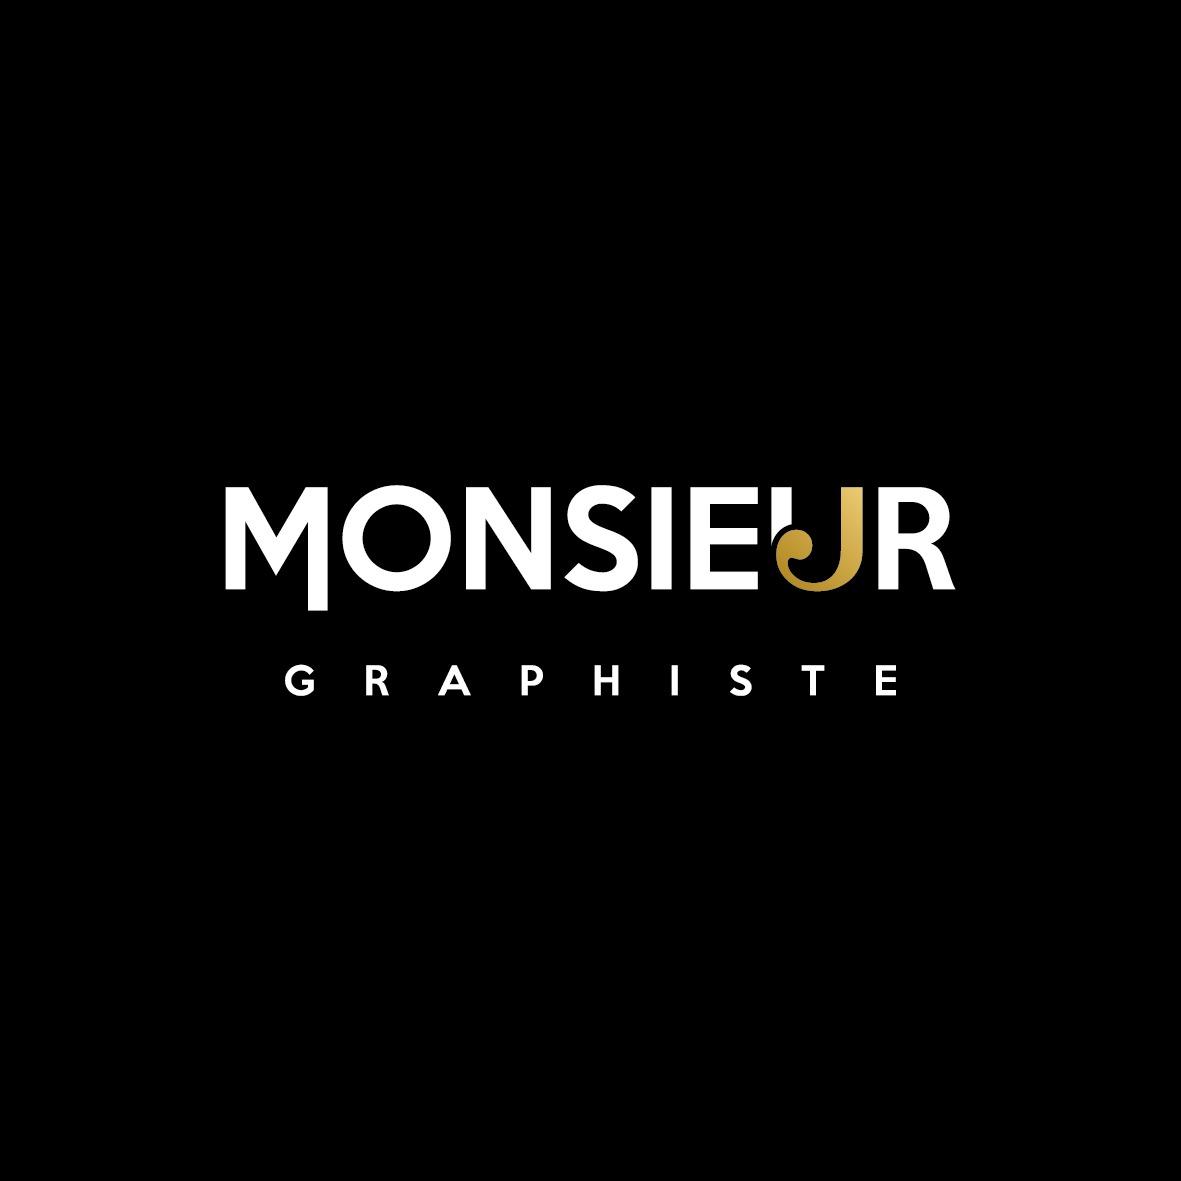 Logo-graphiste-guerande-saint-nazaire-la-baule-herbignac-44-monsieur-j